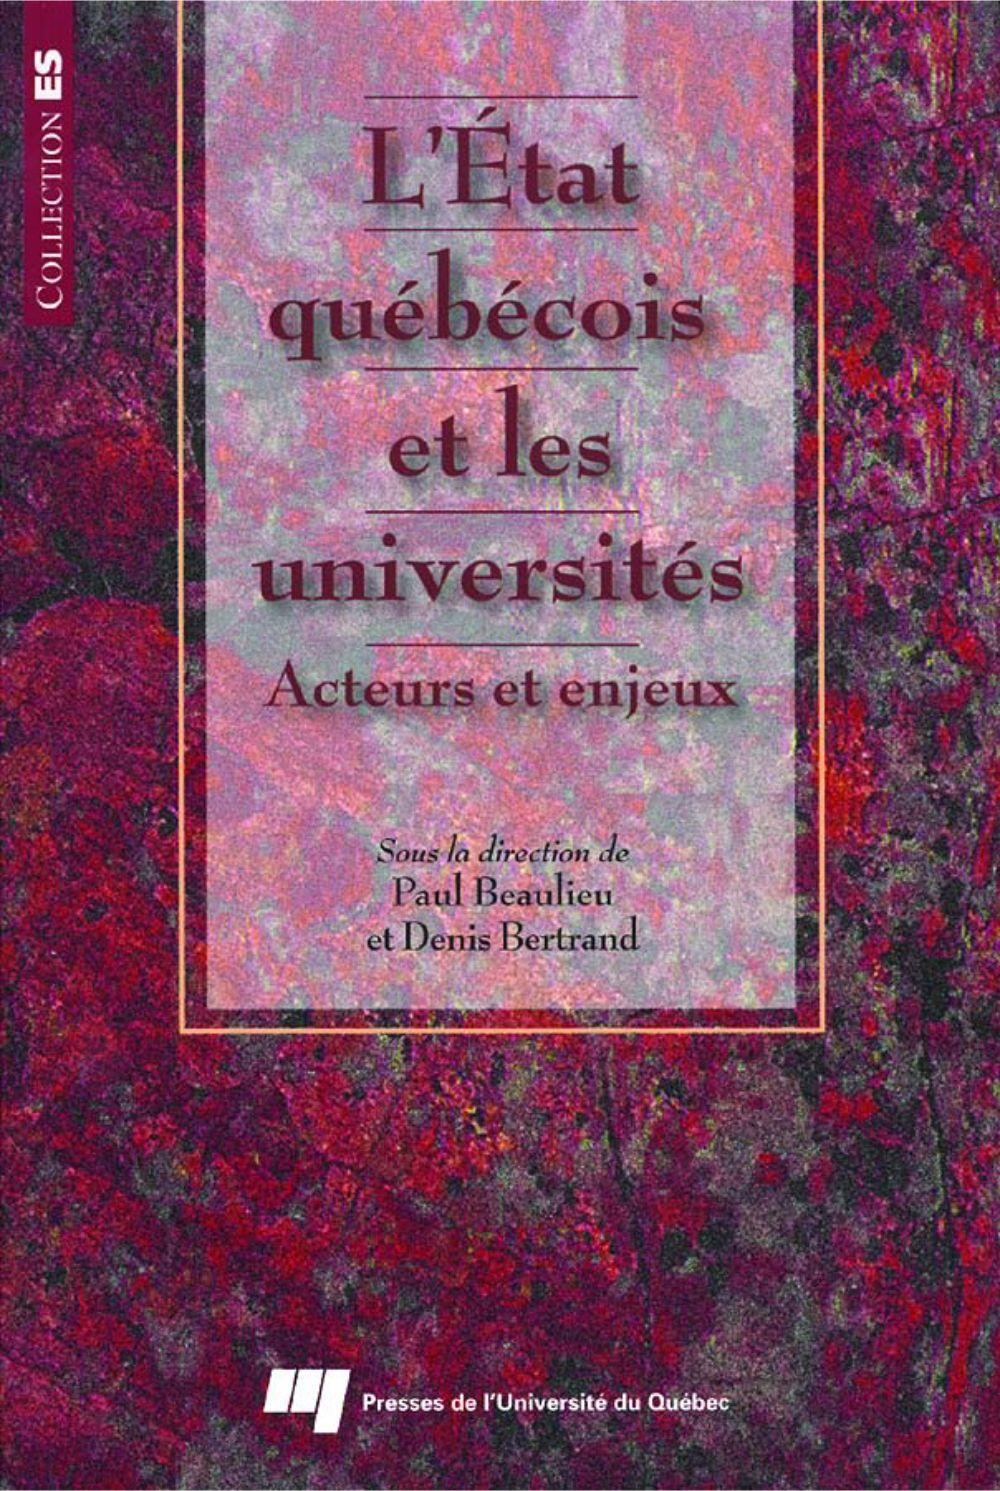 L'état québécois et les universités